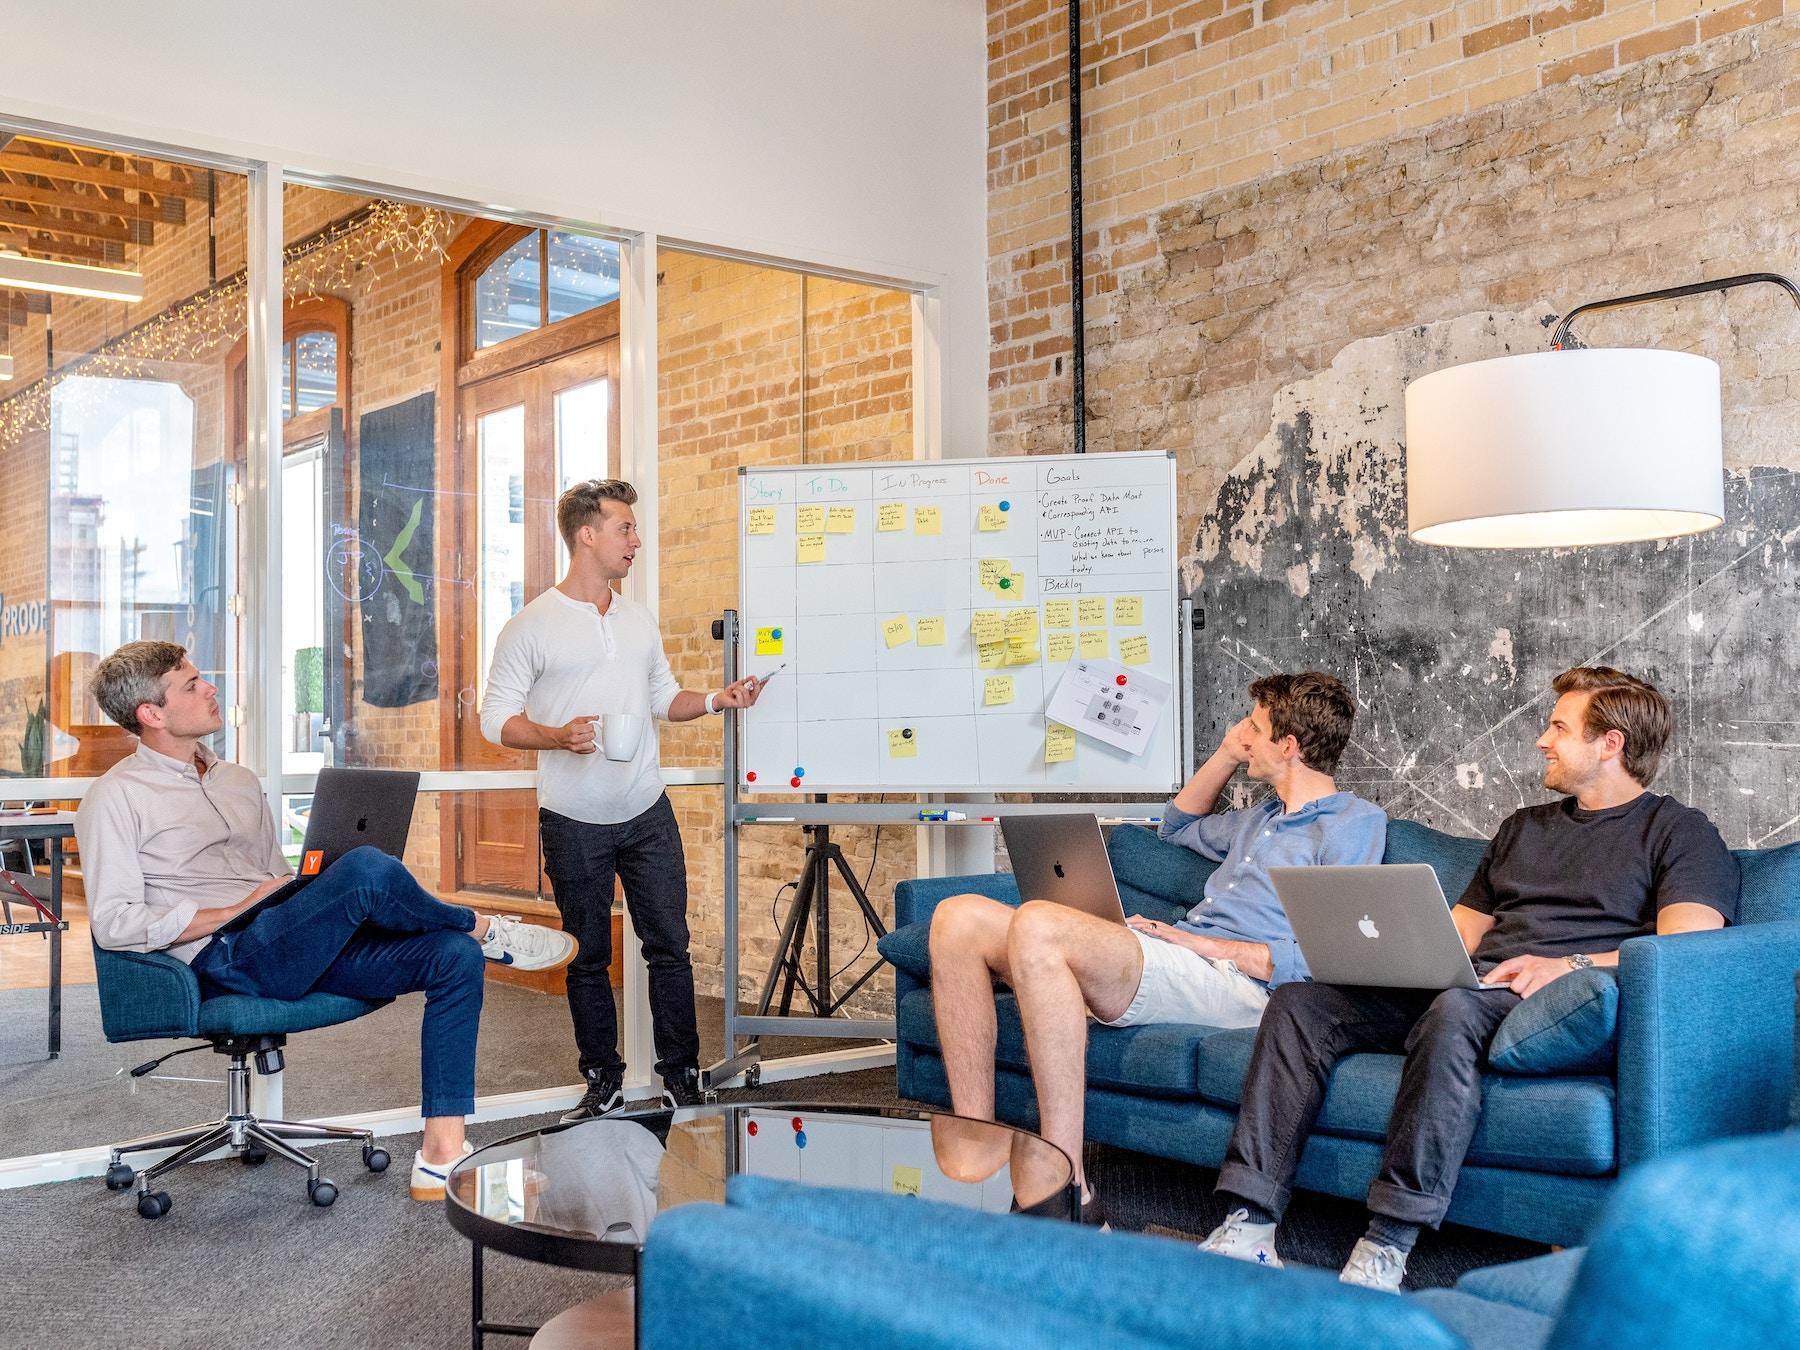 5 Influencer Marketing Tactics to Build Ultimate Brand Awareness